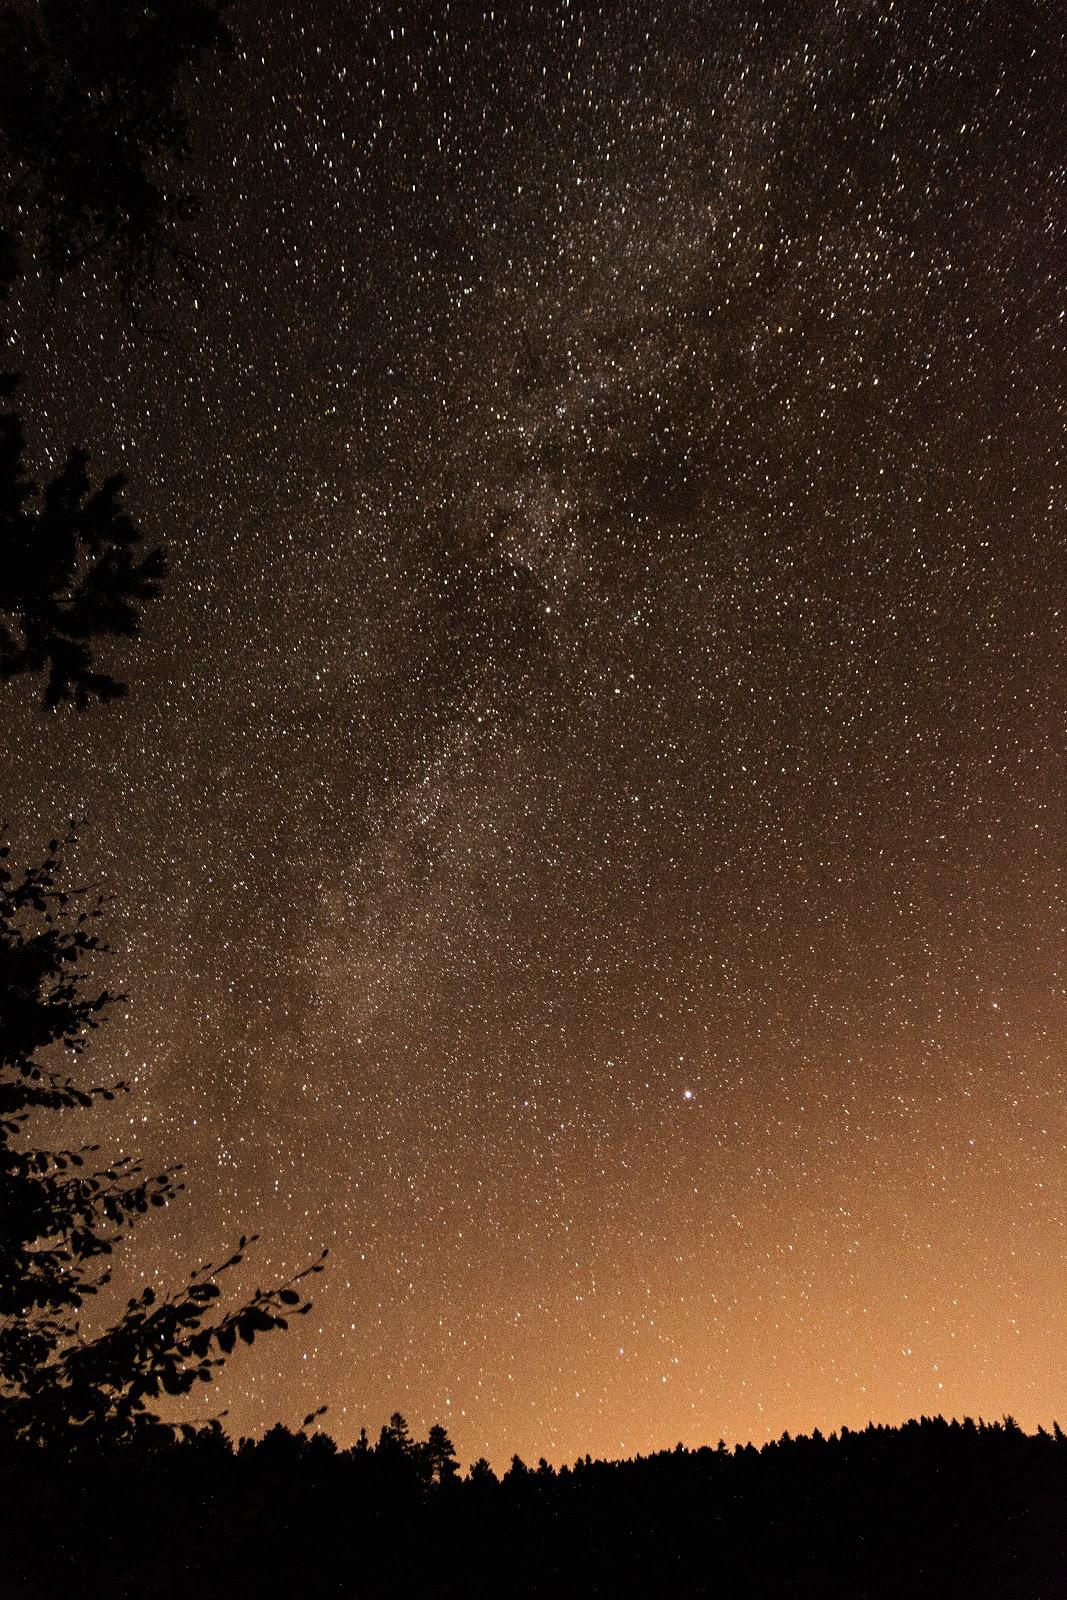 gece, yıldızlar, gece çekimi, galaksi, doğa